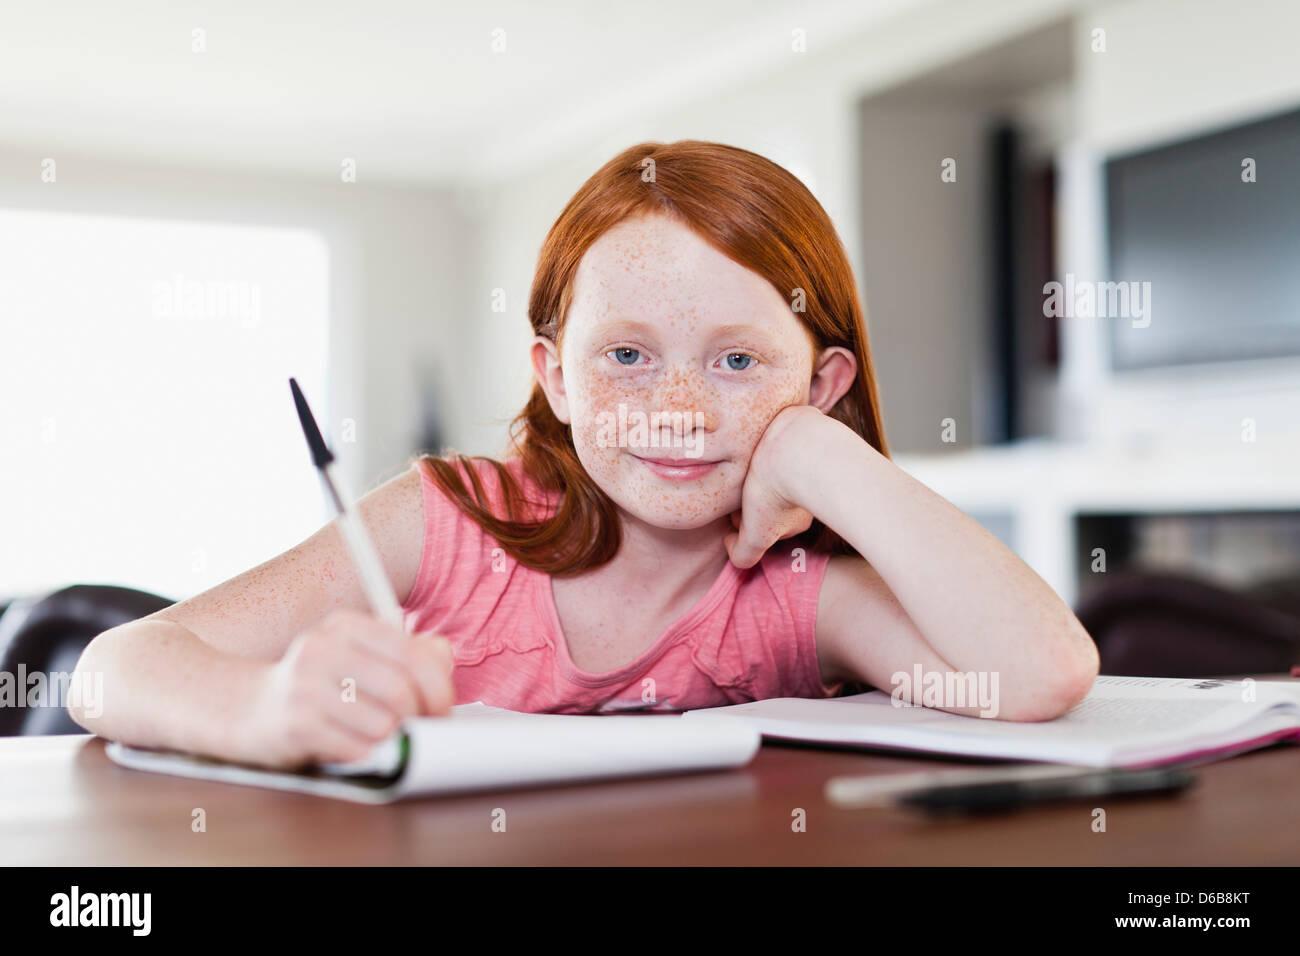 Smiling girl doing homework - Stock Image